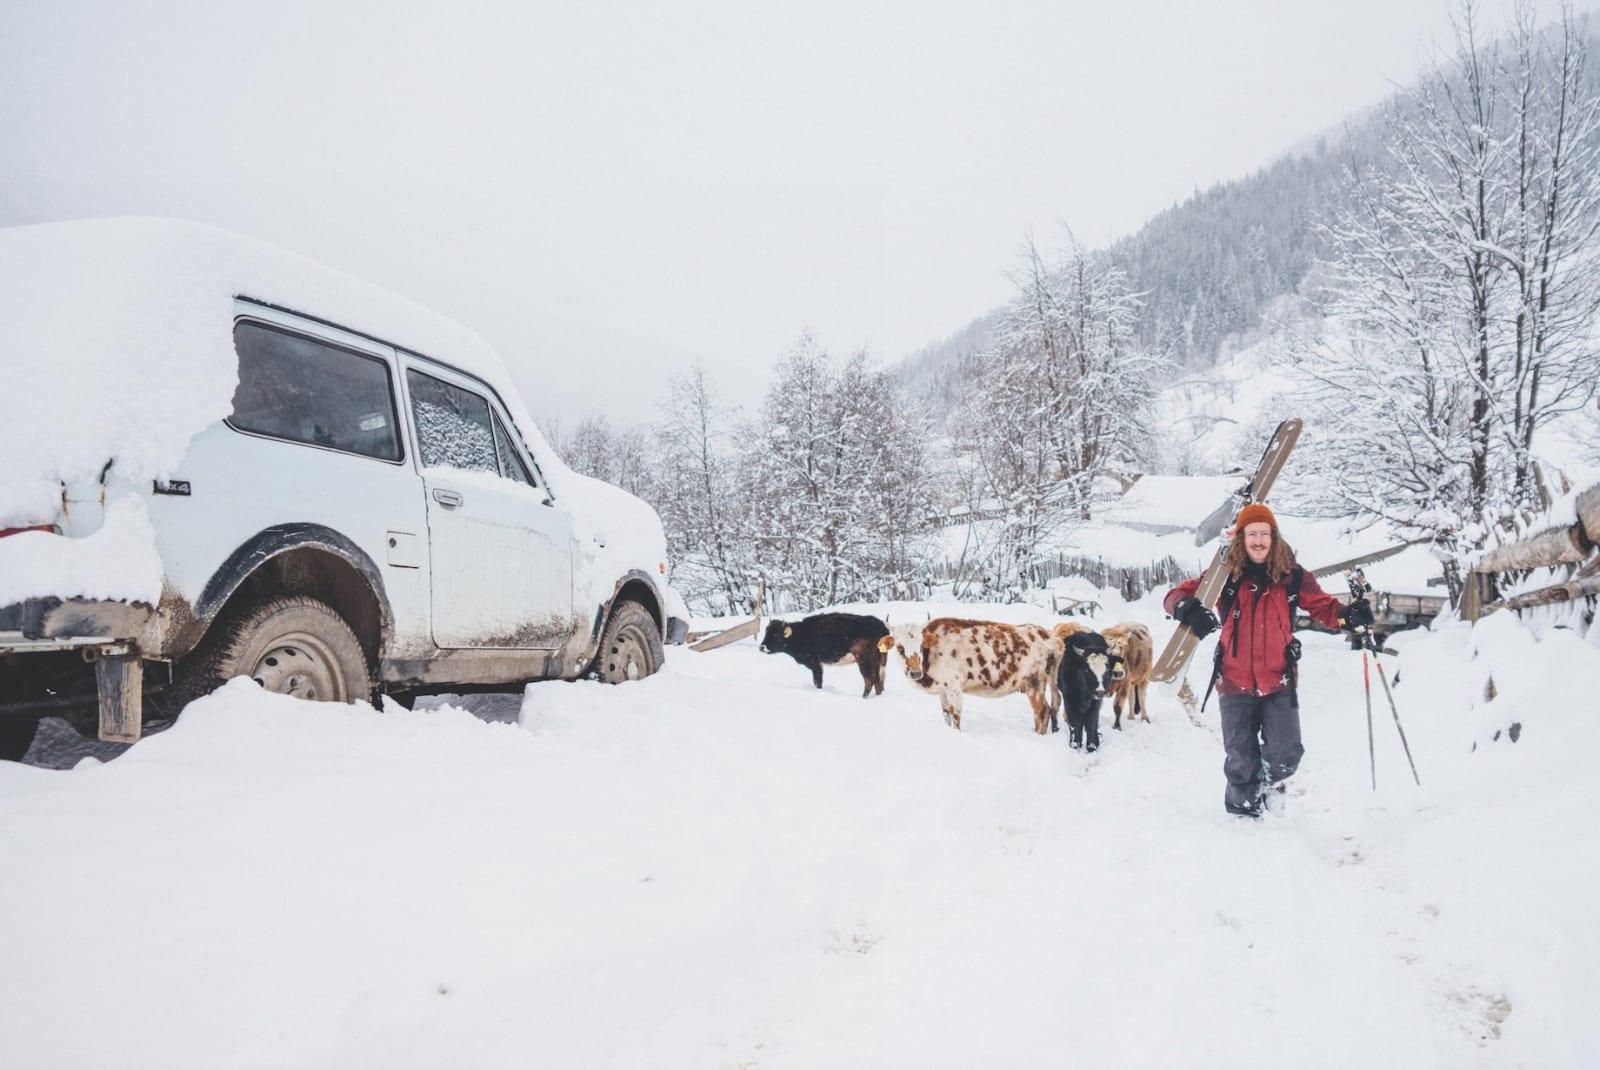 REPRESENTATIVT: Det finst folk i dei fleste krokar på landsbygda i Georgia, men eg er viss på at det finst endå fleire kyr og gamle Lada'ar.